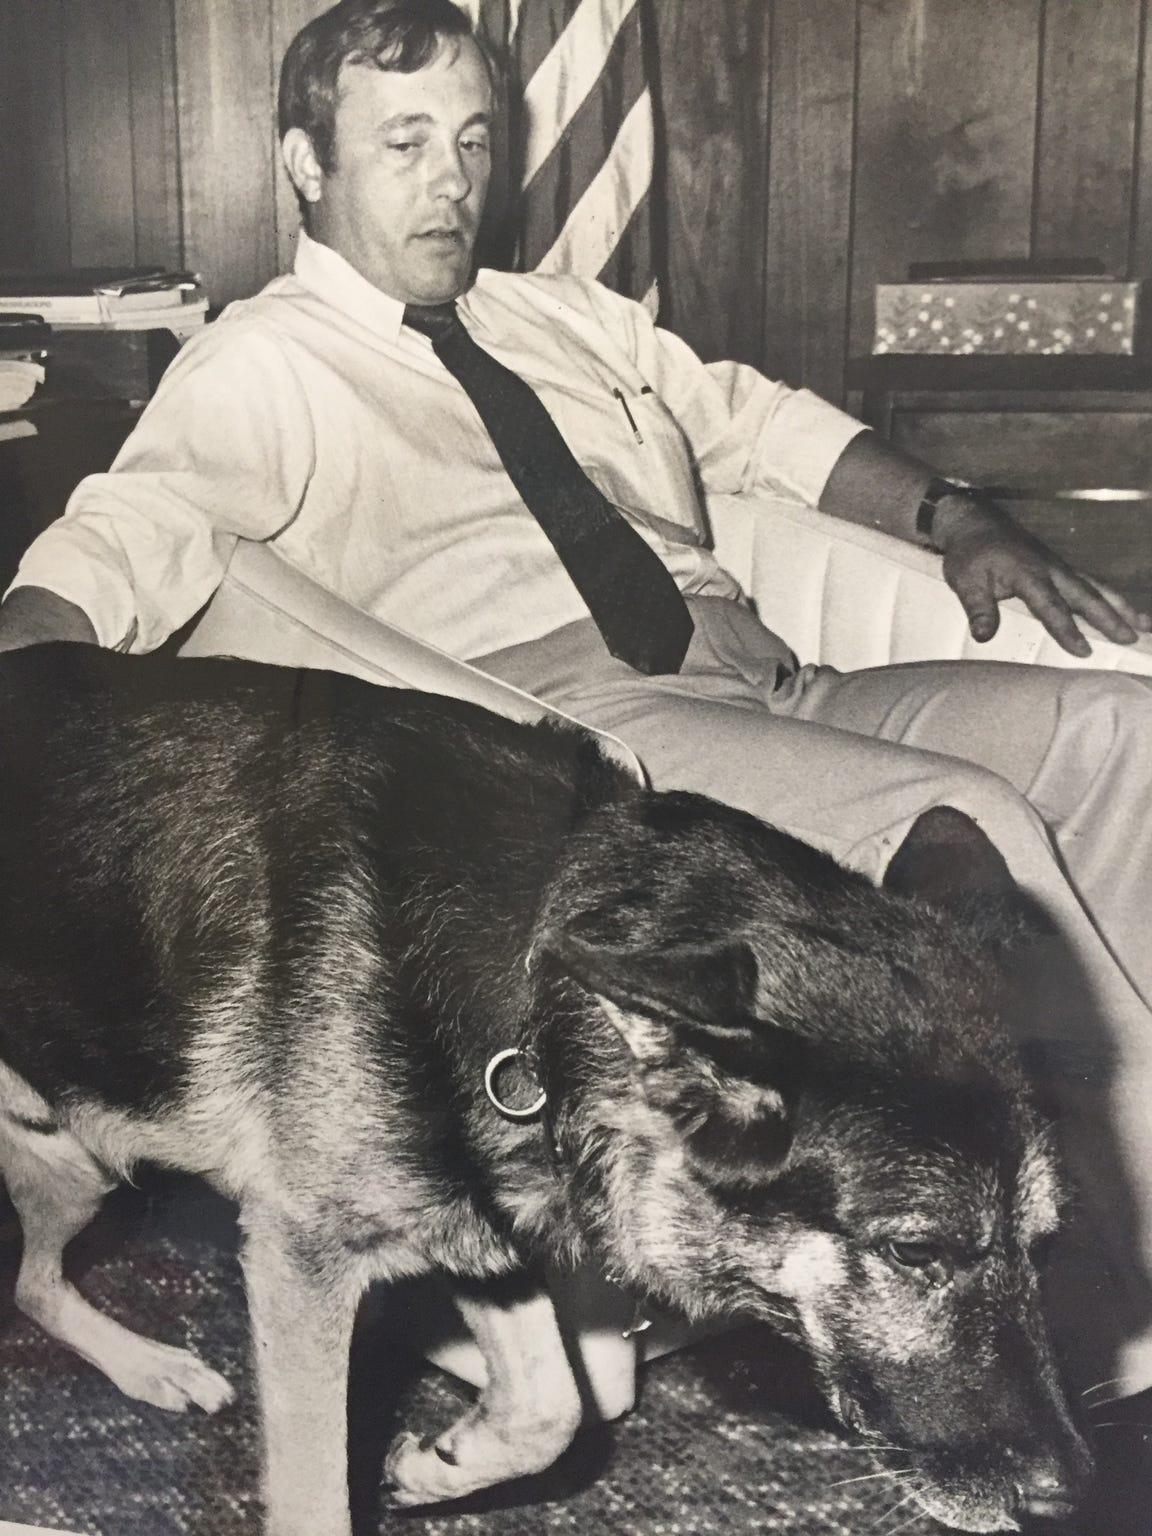 Dog handler John Preston, the state's key witness against